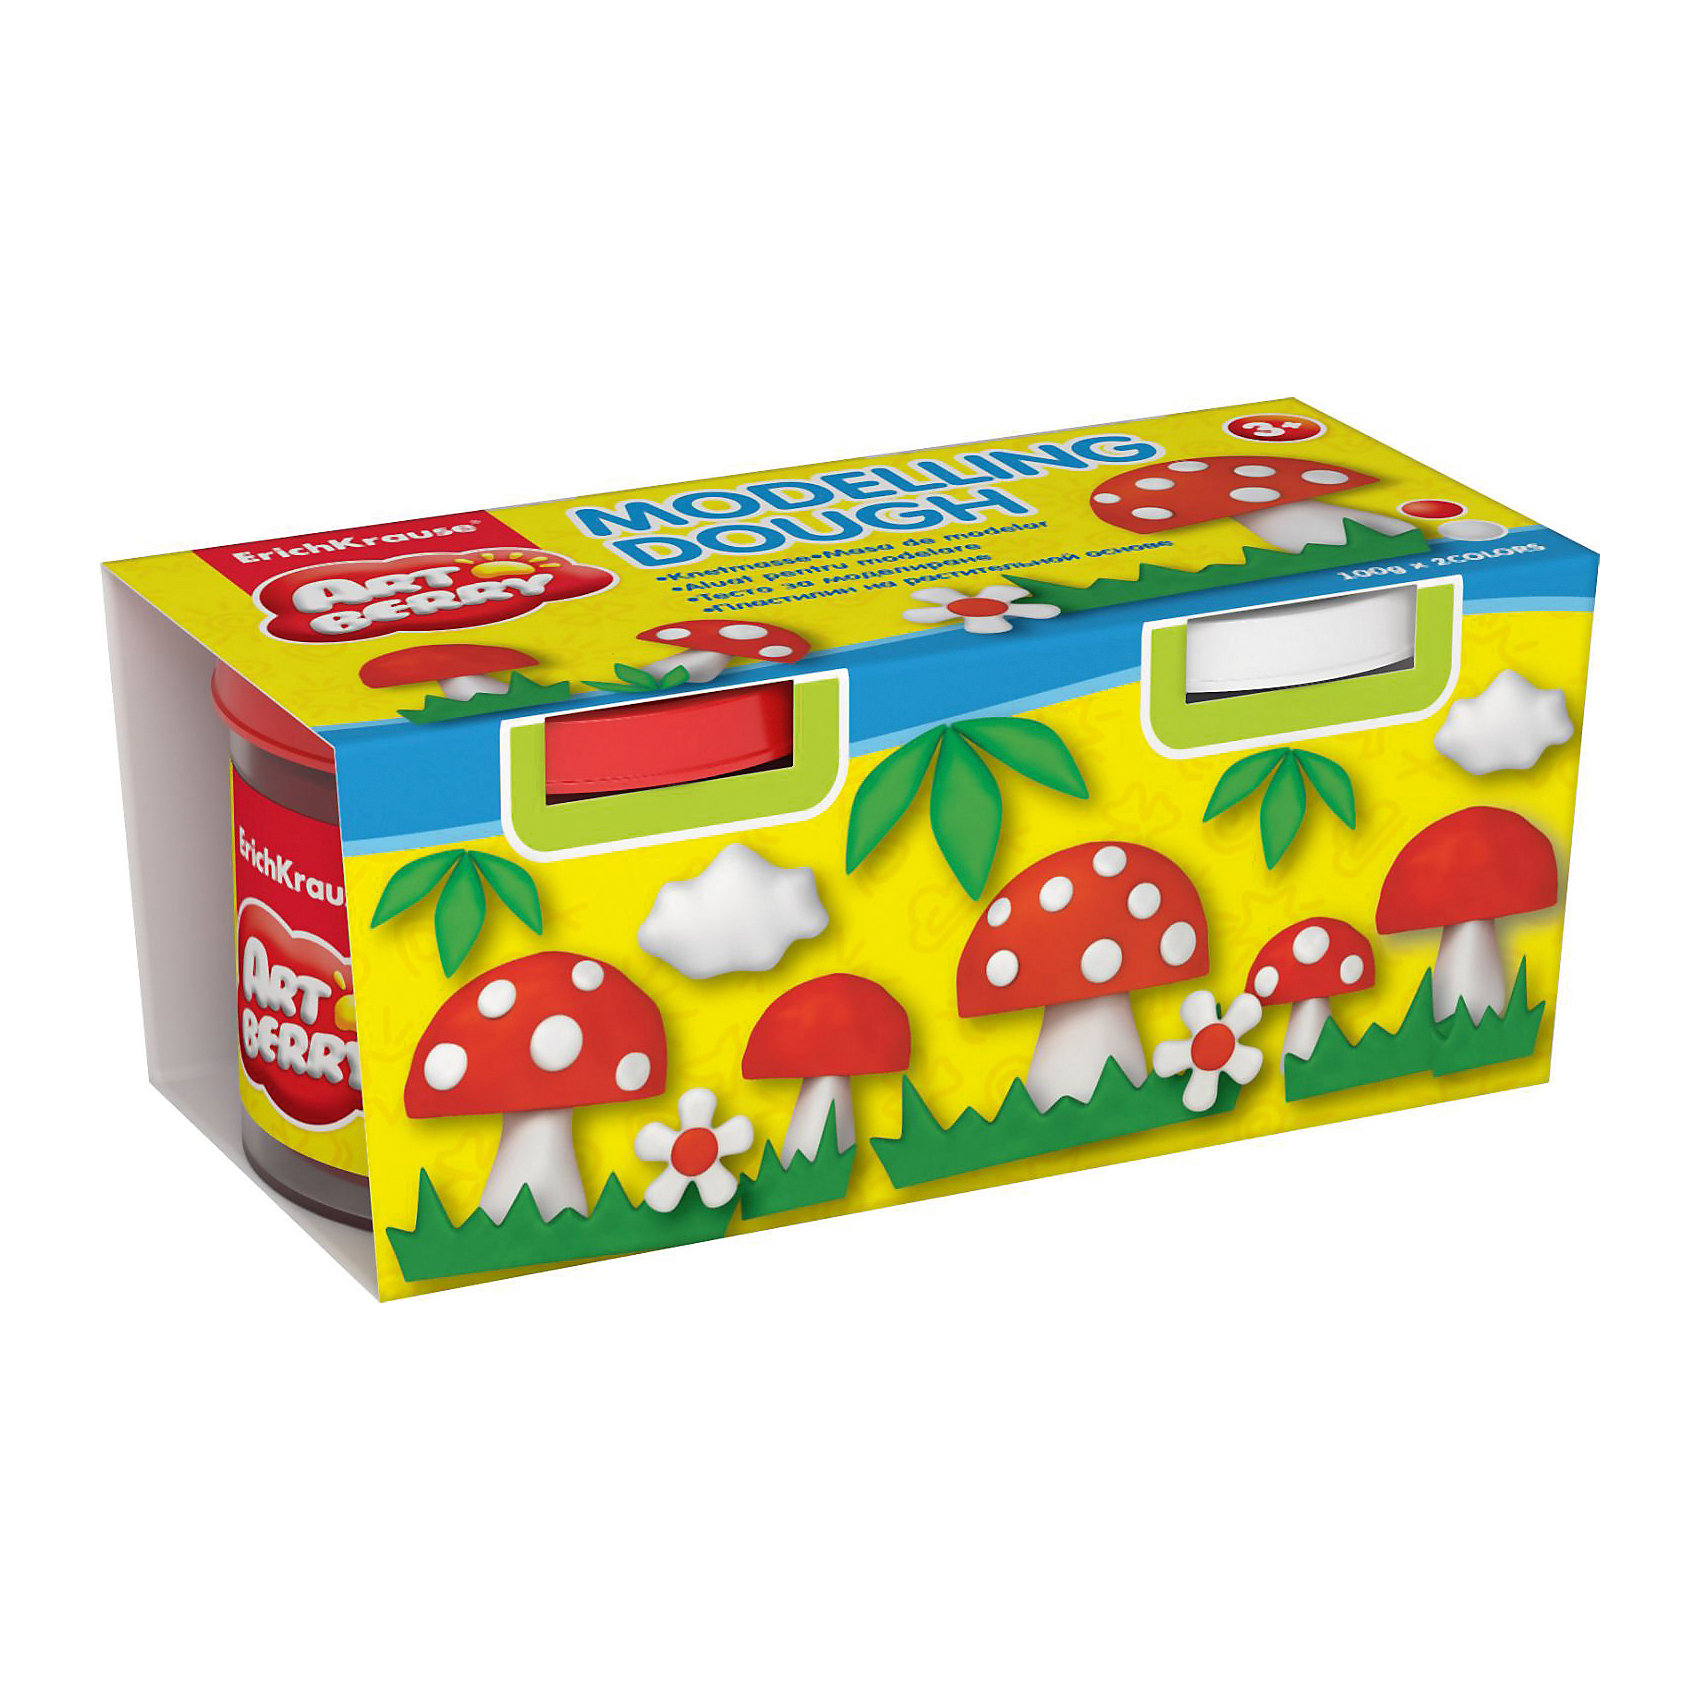 Пластилин на растительной основе Modelling Dough, 2 цвета по 100г (красный, белый)Рисование и лепка<br>Характеристики товара:<br><br>• материал упаковки: картон<br>• в комплект входит: 2 банки по 100 г<br>• возраст: от 3 лет<br>• габариты упаковки: 22,0х4х4,5 см<br>• вес: 200 г<br>• страна производитель: Россия<br><br>Натуральная продукция – настоящая находка для детского творчества. Так, пластилин на растительной основе станет любимым материалов для творчества у вашего малыша. Мягкий, приятный для тактильного восприятия, он станет фаворитом среди пластилинов у малыша.<br><br>Пластилин на растительной основе Modelling Dough, 2 цвета по 100г (красный, белый), можно купить в нашем интернет-магазине.<br><br>Ширина мм: 130<br>Глубина мм: 55<br>Высота мм: 57<br>Вес г: 253<br>Возраст от месяцев: 36<br>Возраст до месяцев: 2147483647<br>Пол: Унисекс<br>Возраст: Детский<br>SKU: 5409326